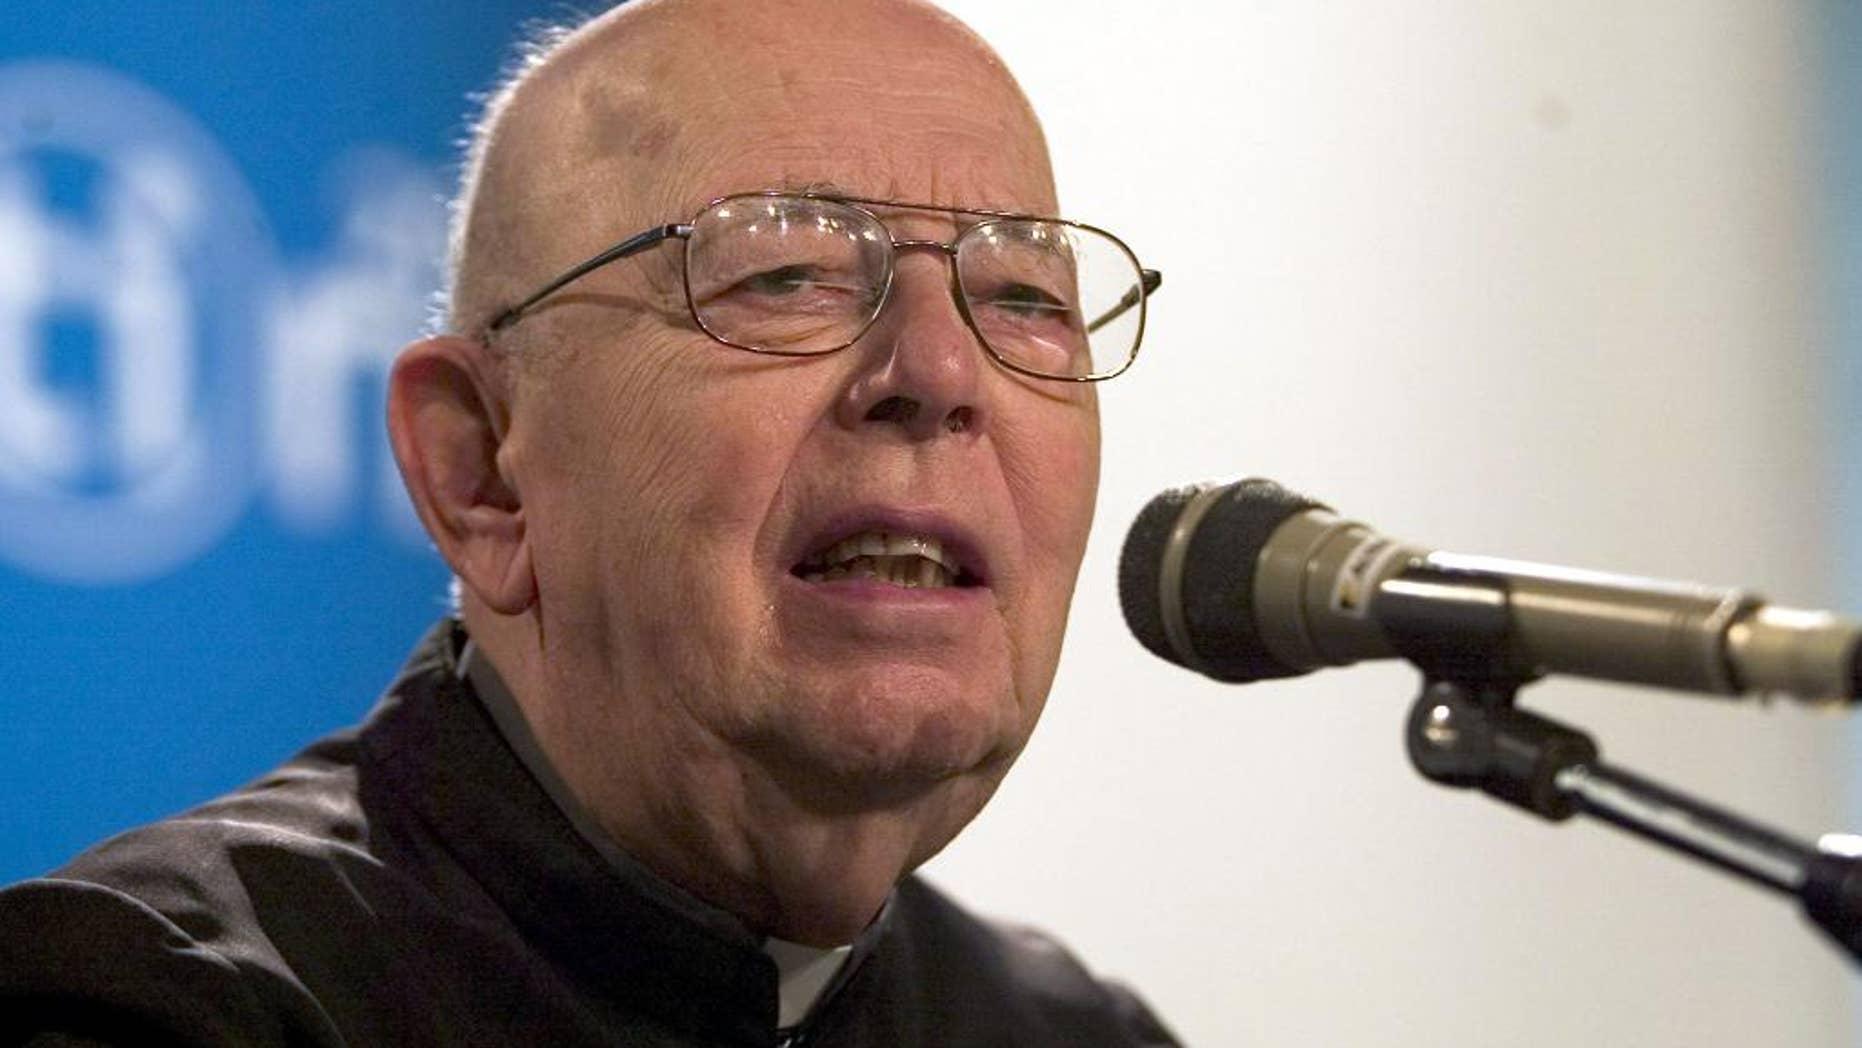 Rev. Gabriele Amorth in Rimini, Italy, in 2006.